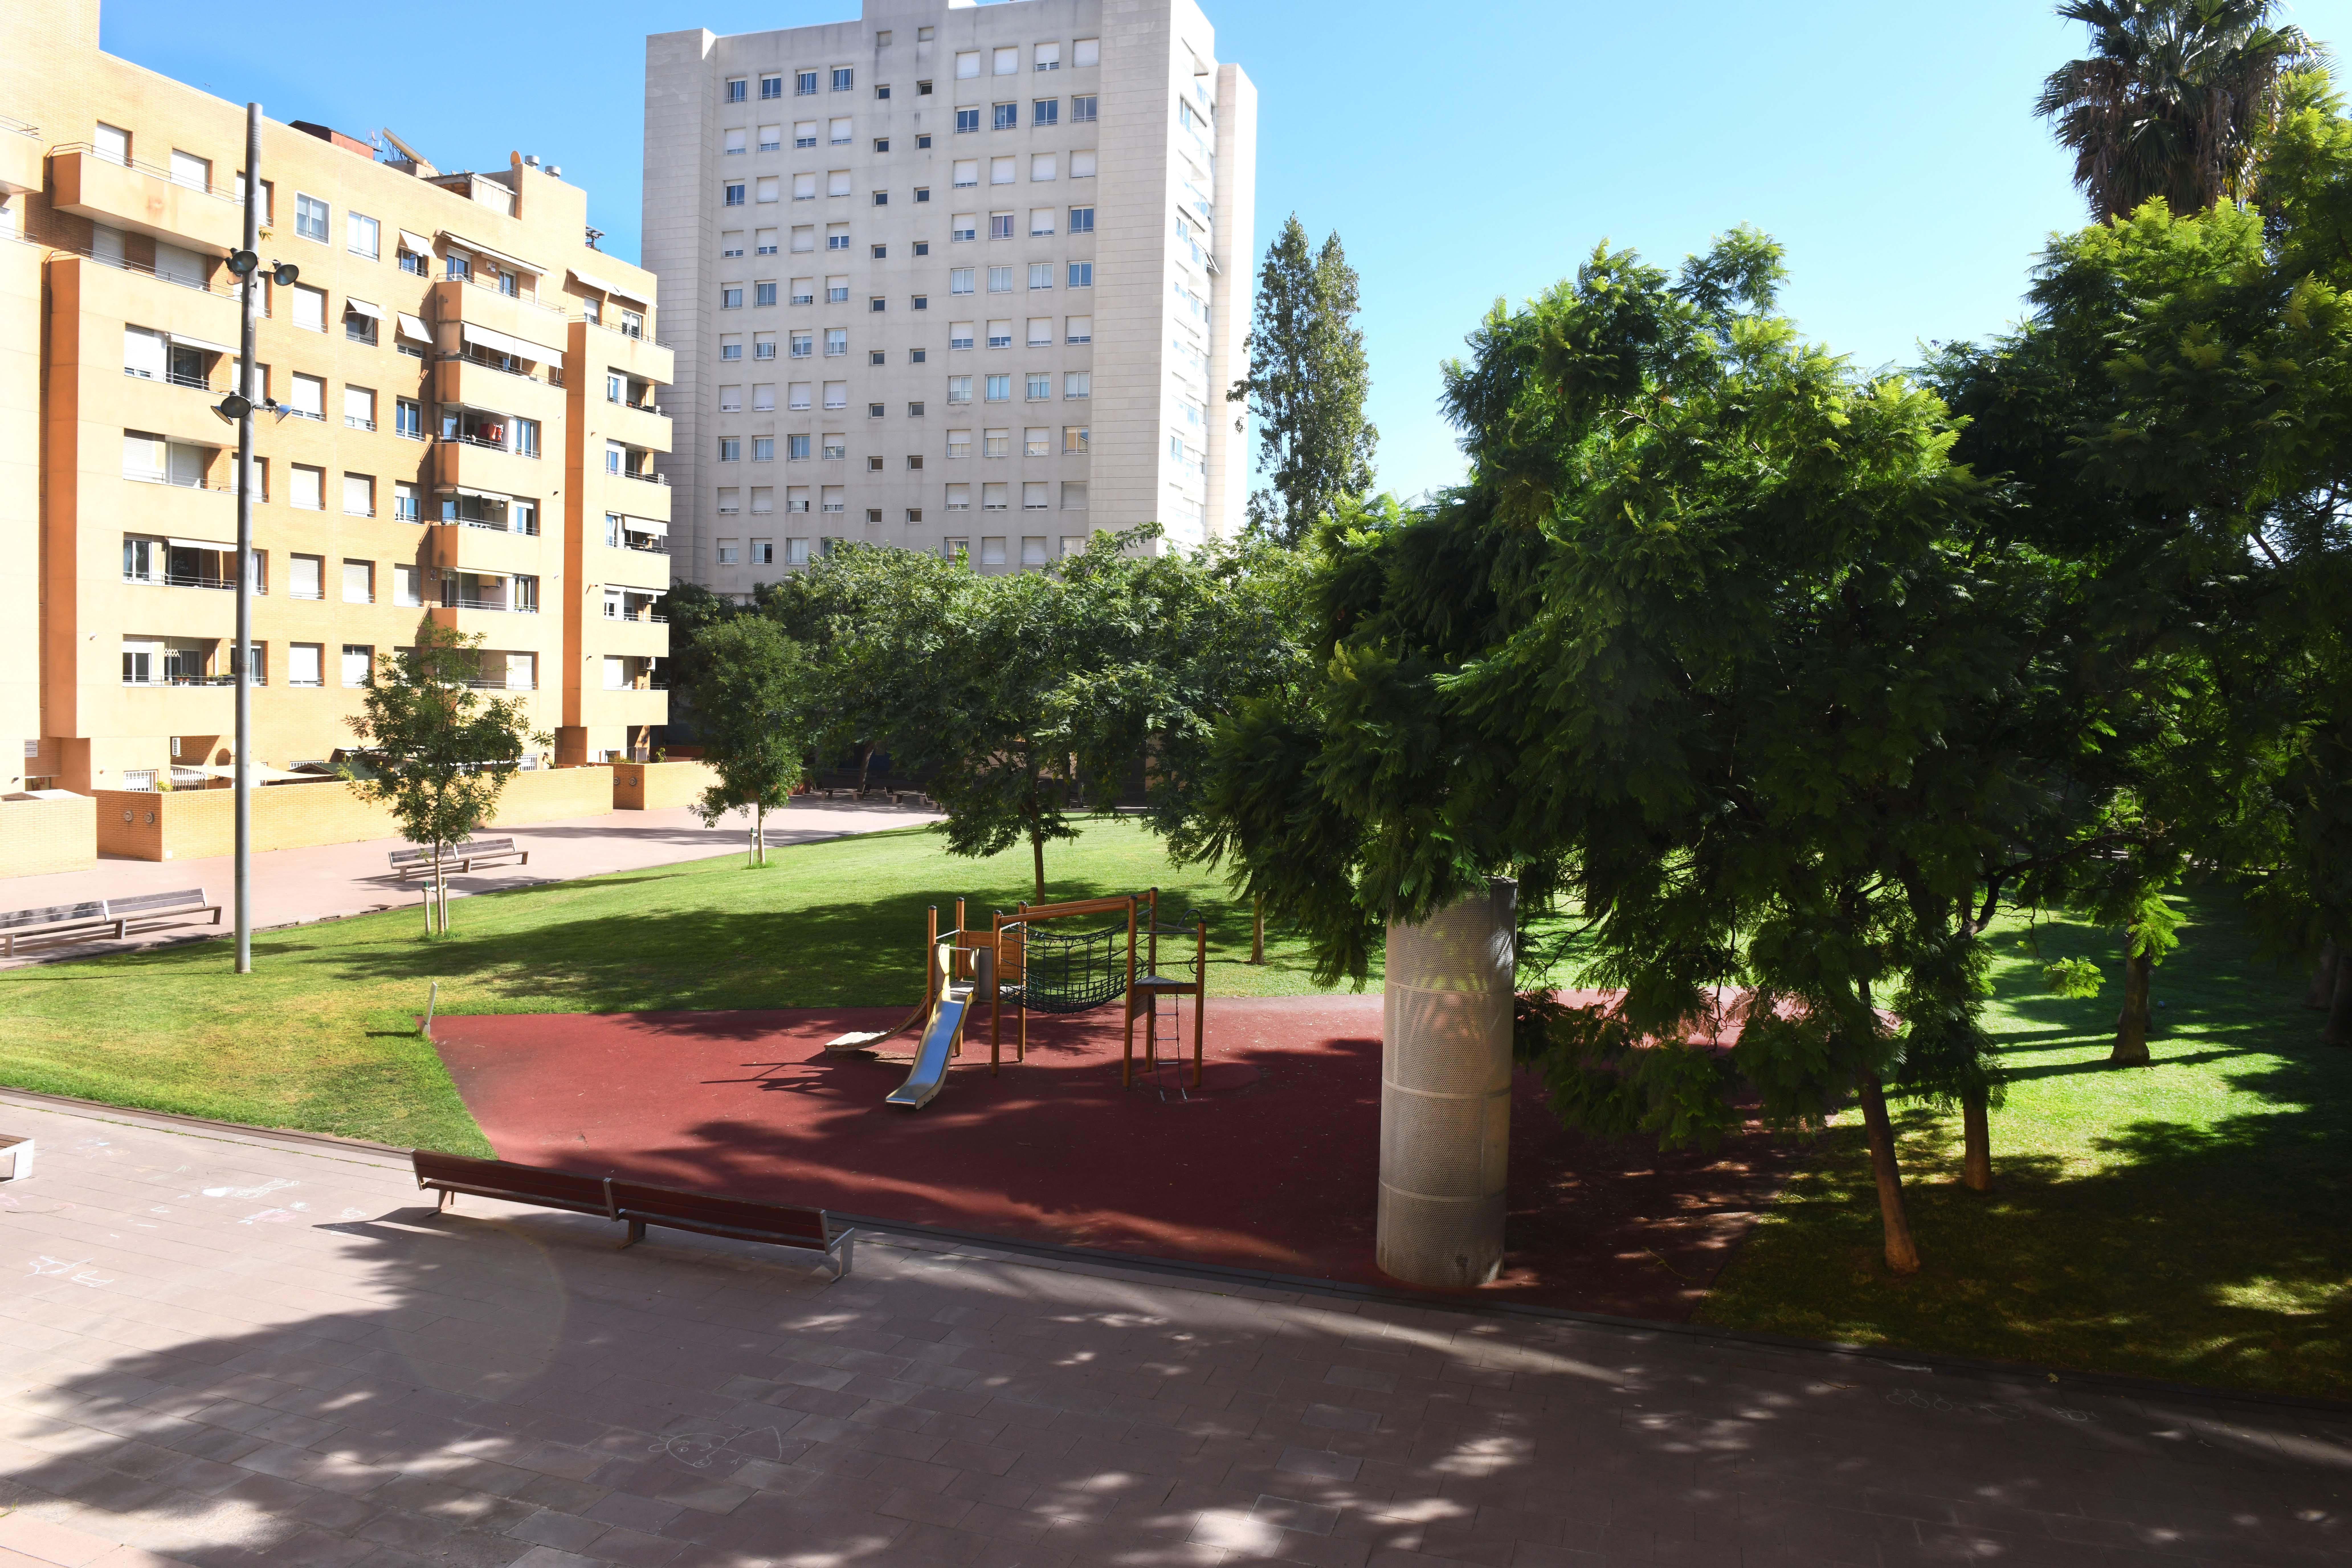 出售位于Barcelona (巴塞罗那省)的公寓, 距离市中心只有3公里,